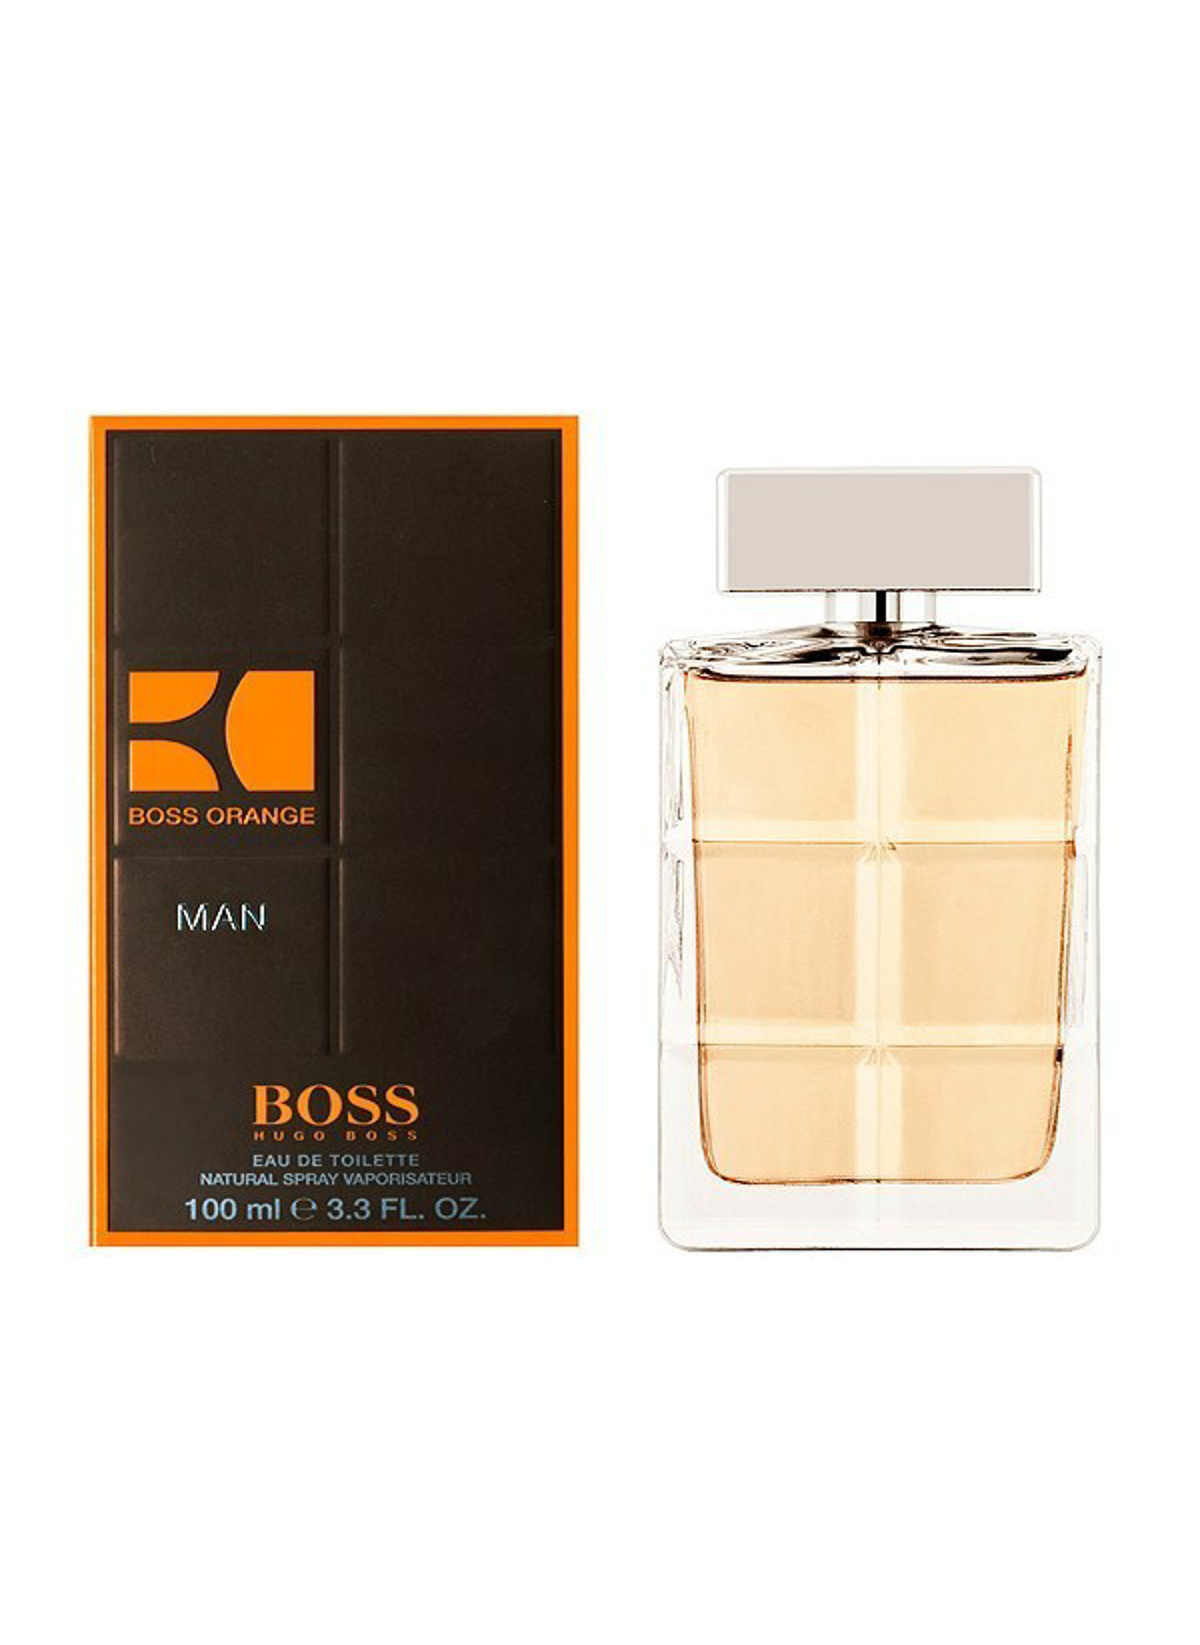 boss man parfum